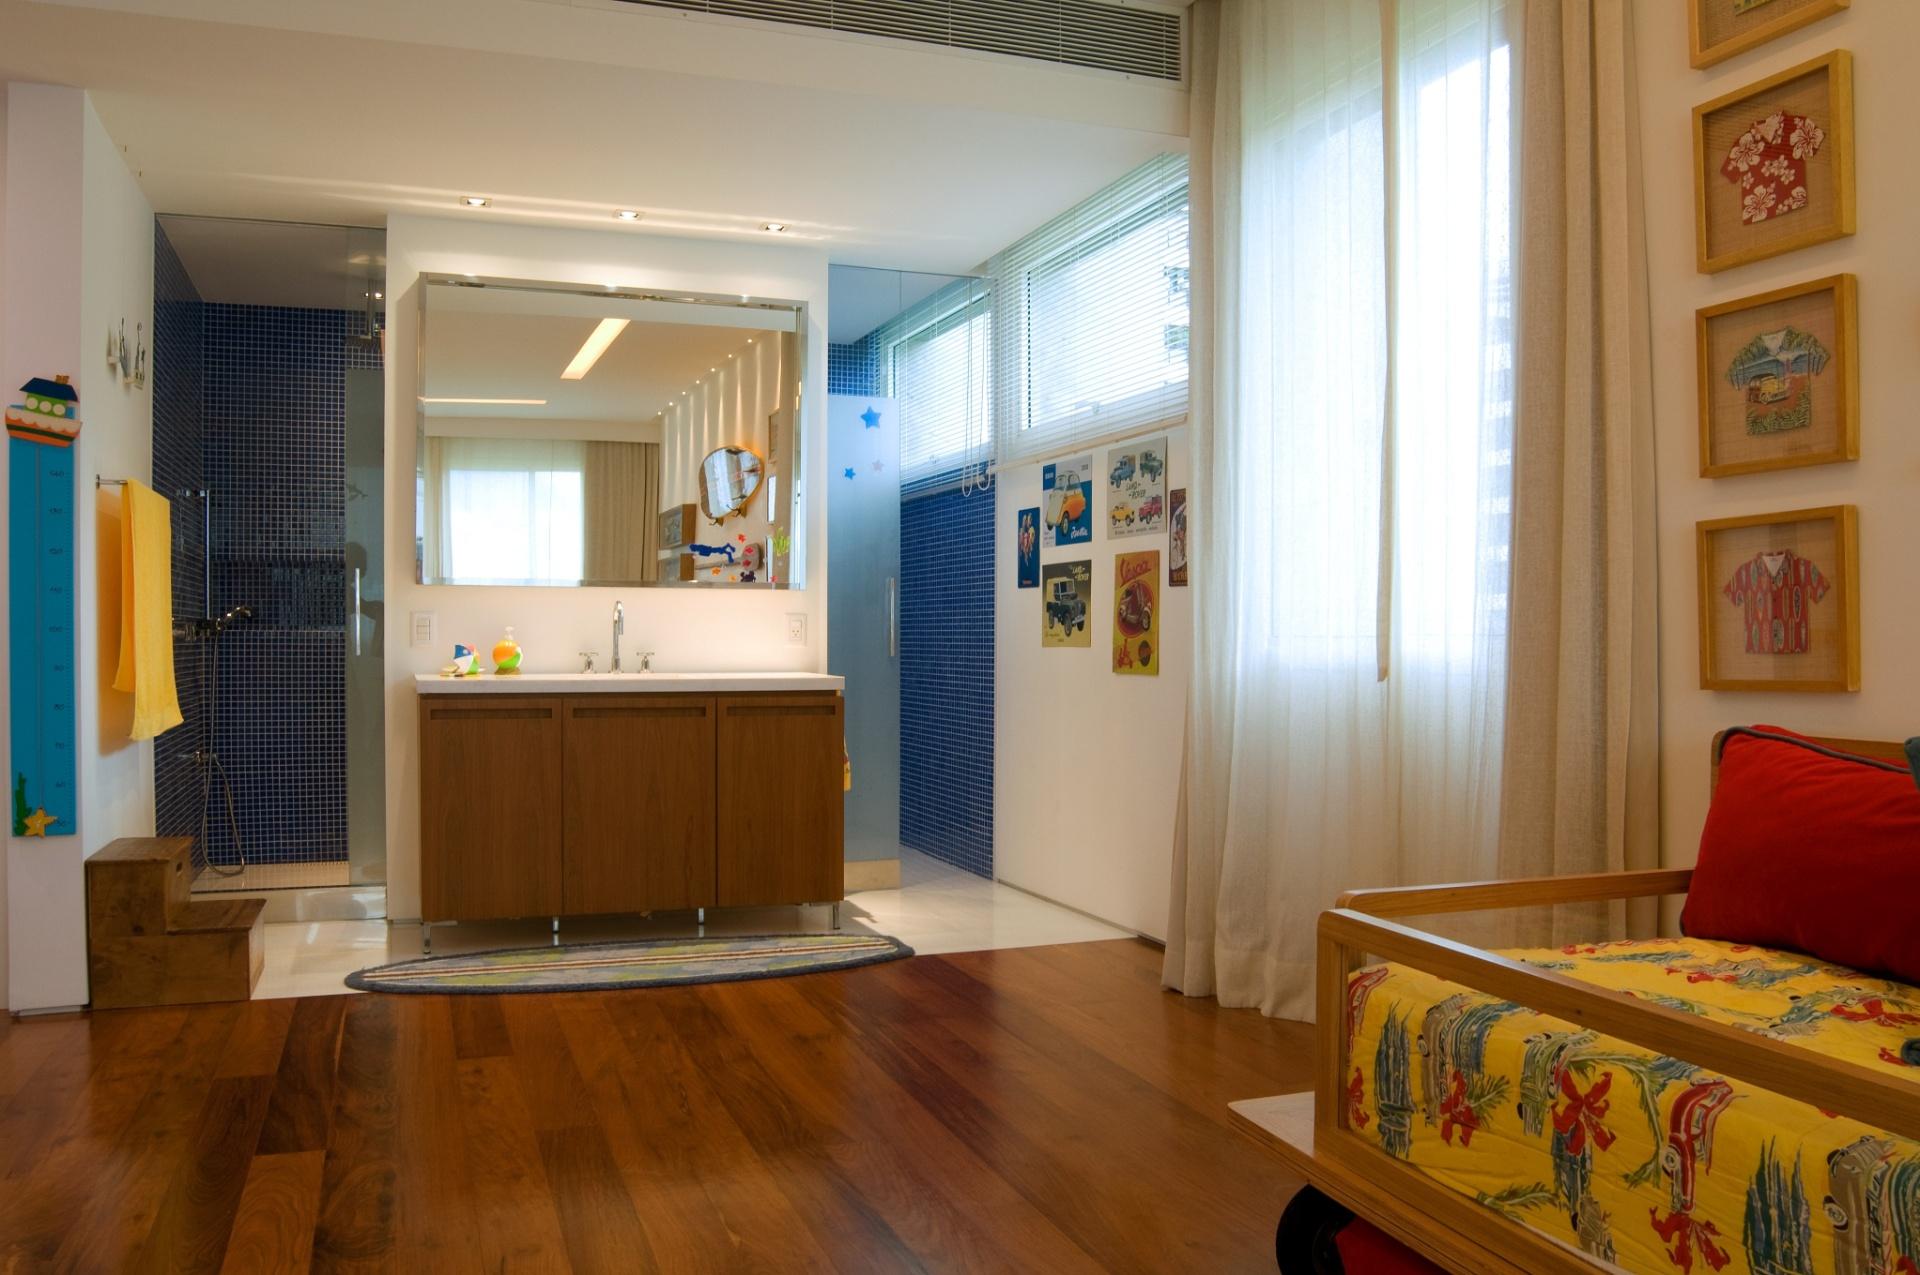 No segundo andar do apartamento dúplex, em São Conrado (RJ), ficam os dormitórios como a suíte do filho do casal proprietário. O projeto de reforma e interiores da residência é assinado pela arquiteta Izabela Lessa